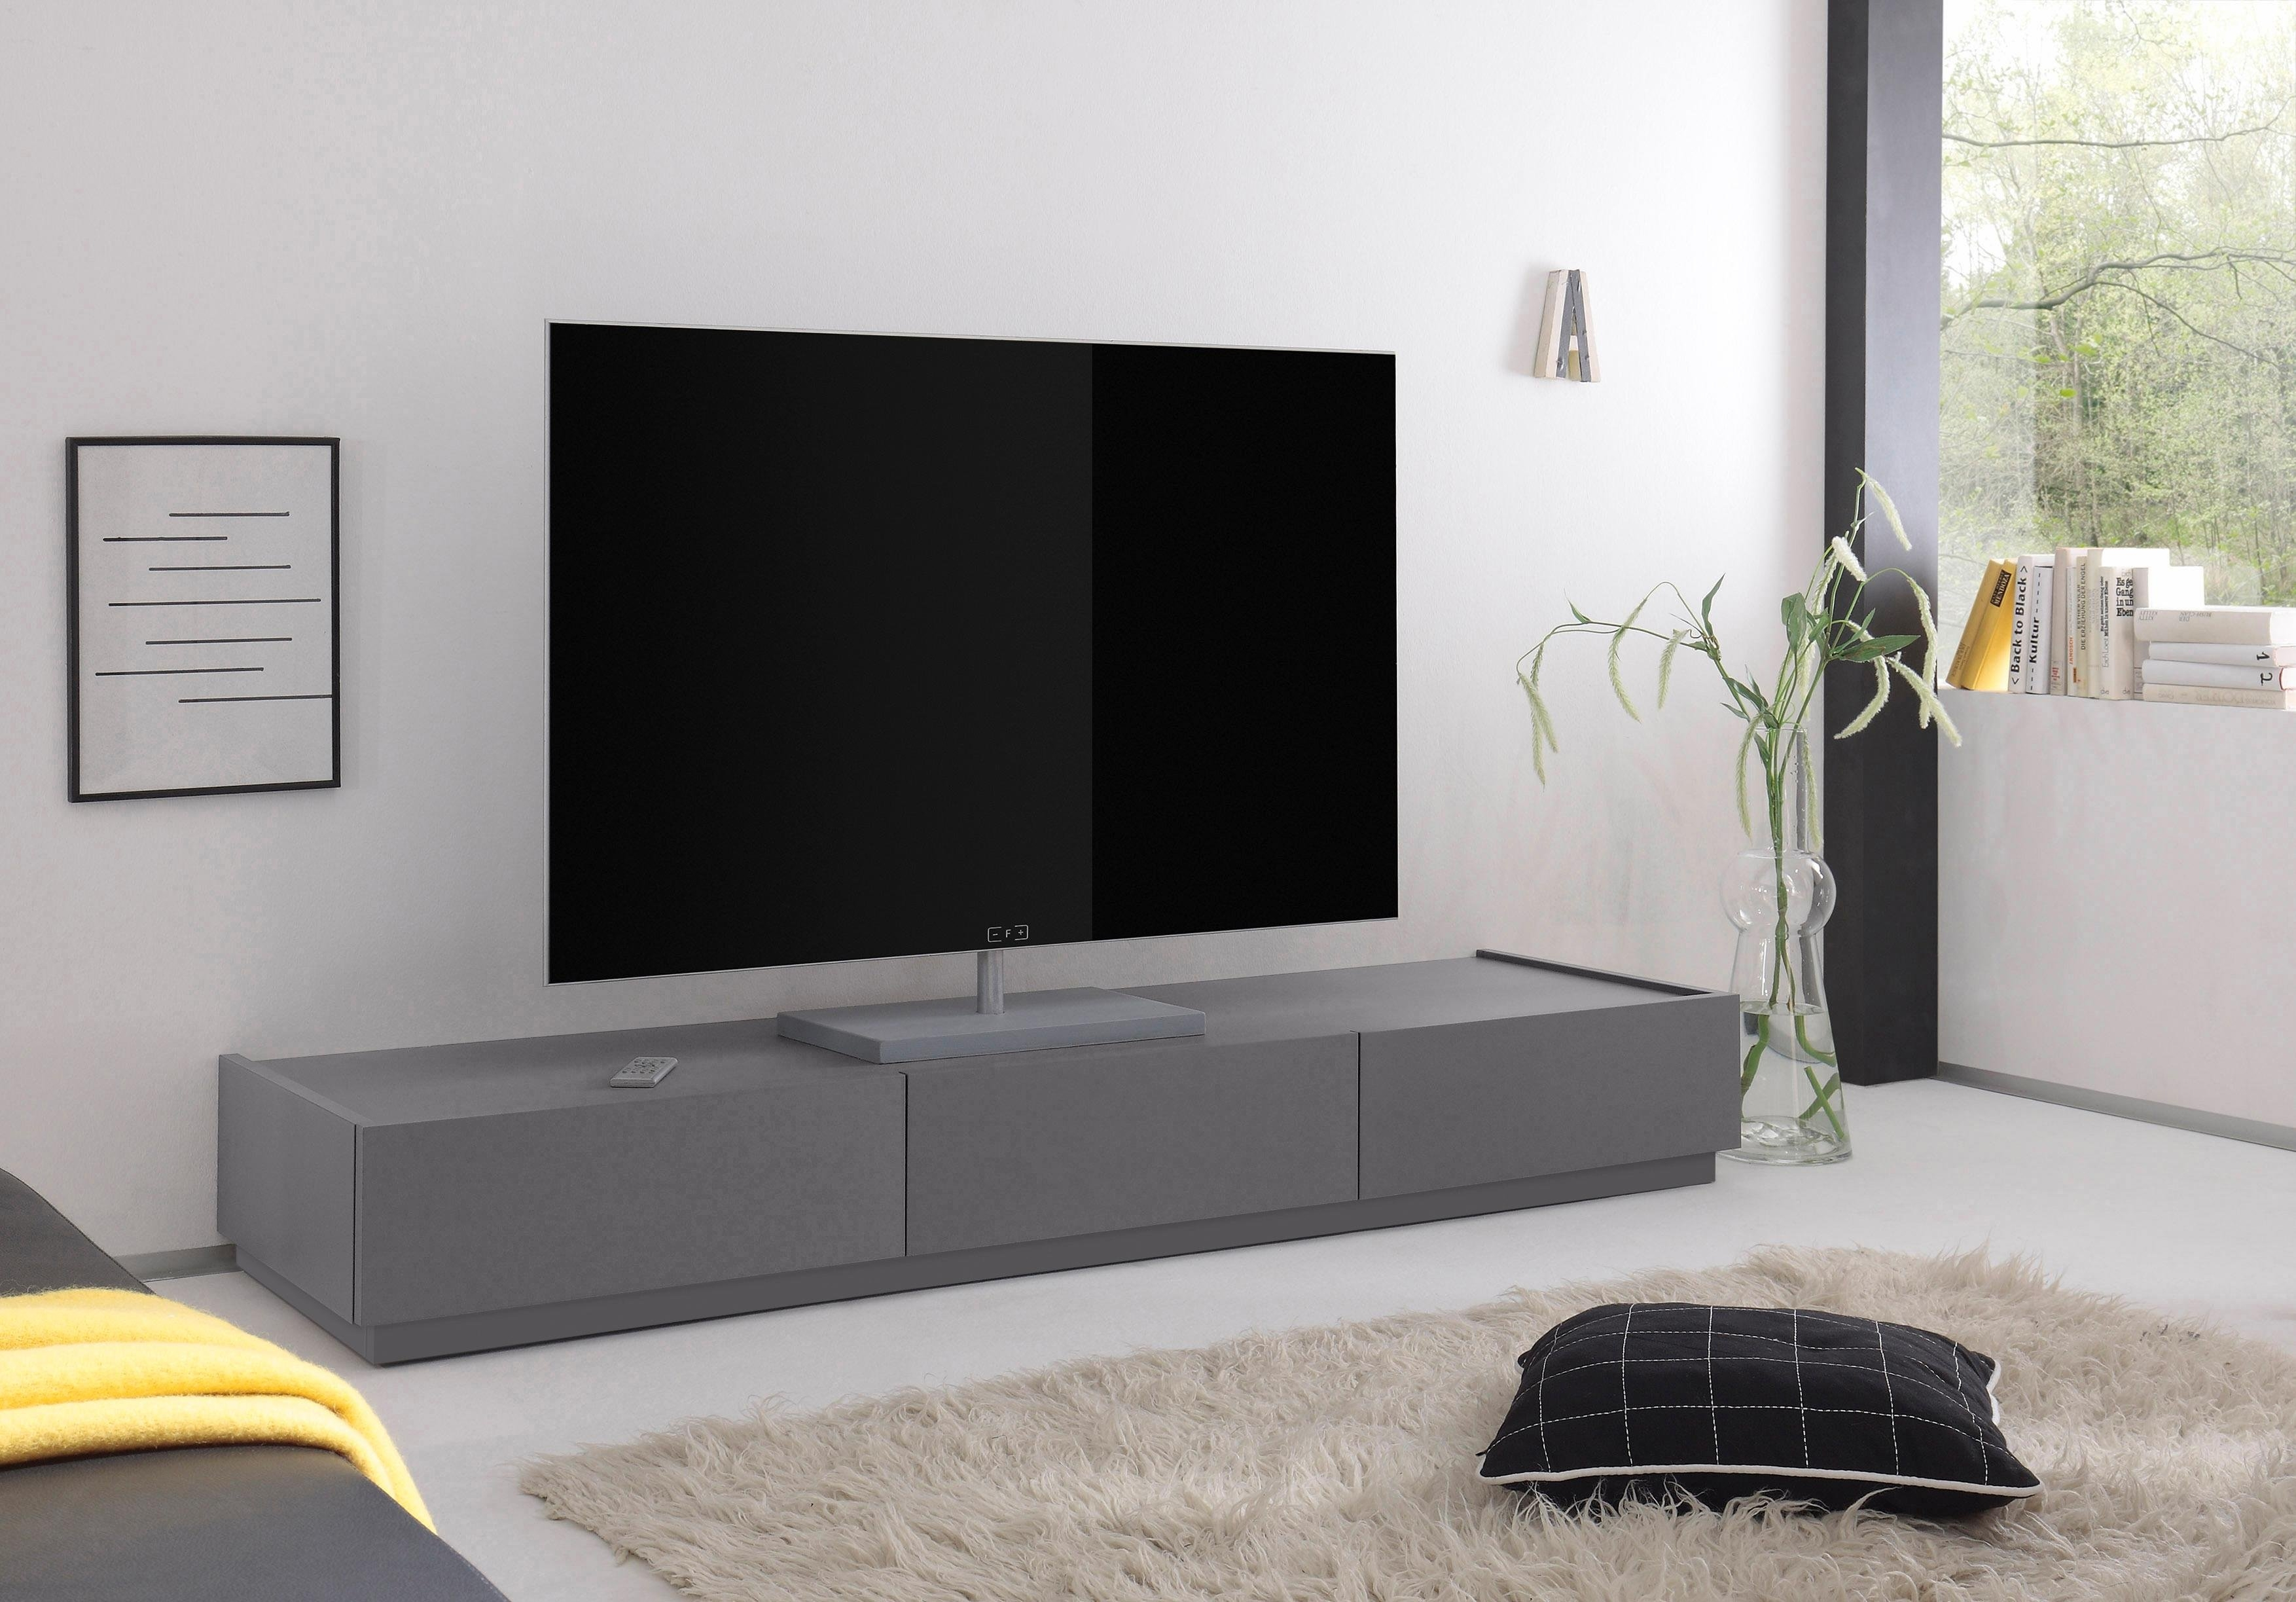 Tv Kast Bed.Tv Meubel Zela Met 3 Laden Breedte 184 Cm In De Online Winkel